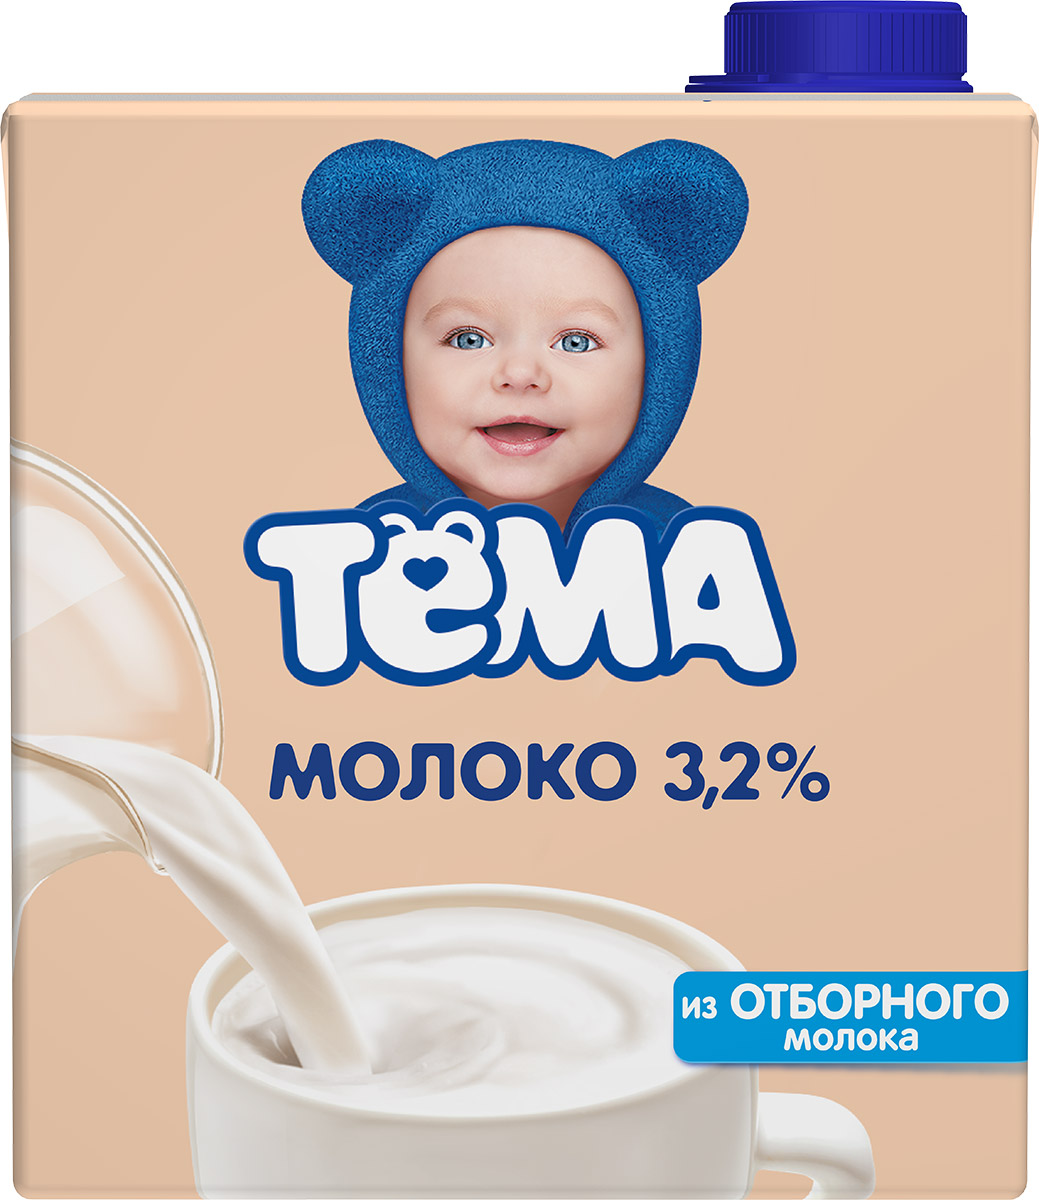 Тема Молоко 3,2%, 500 мл вкуснотеево молоко ультрапастеризованное 3 2% 950 г